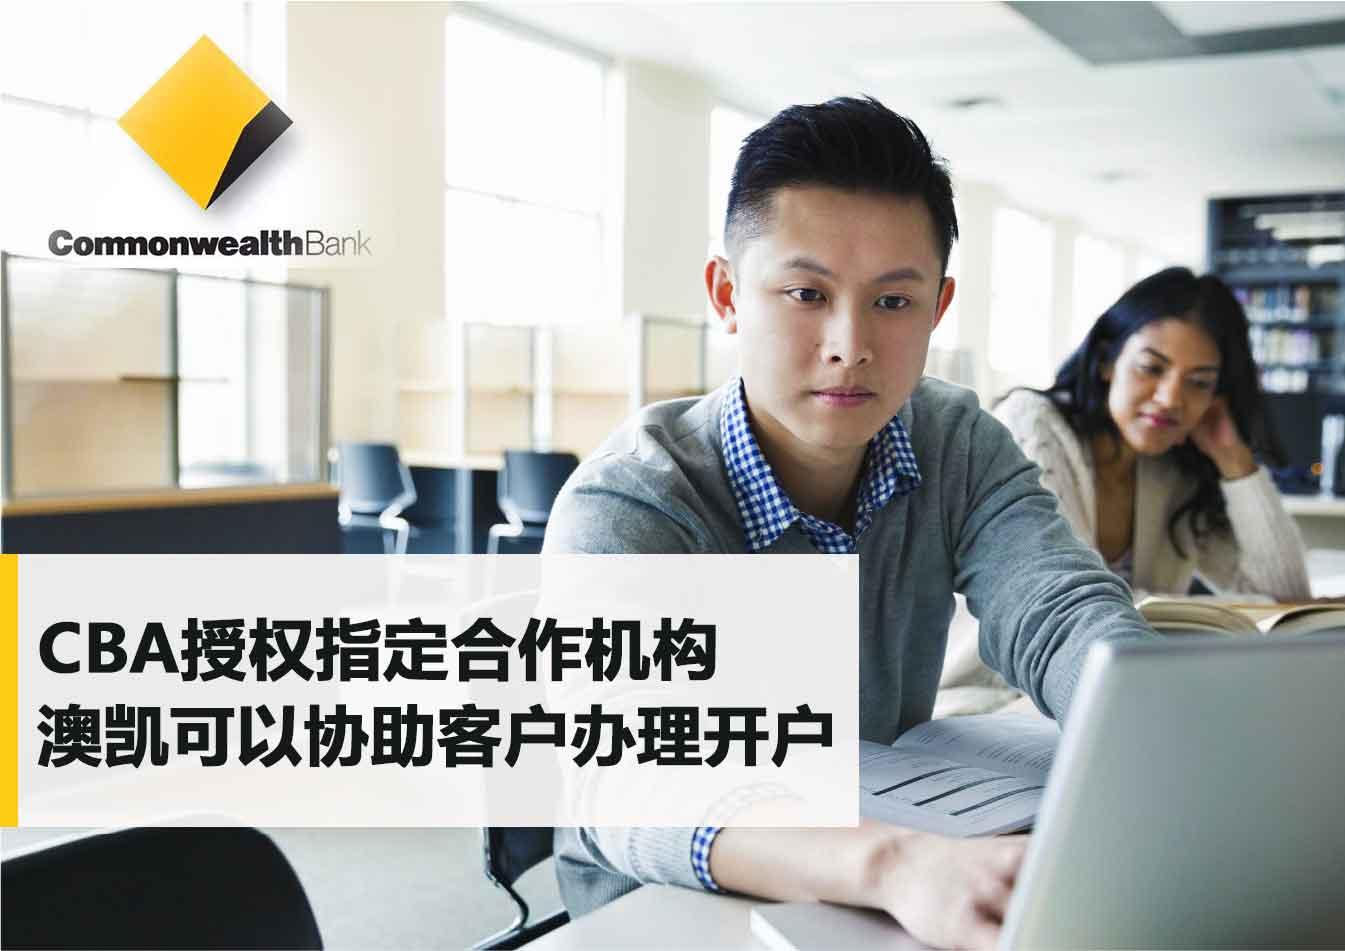 留学新生在国内也能开通澳洲银行账户?澳凯手把手教学!